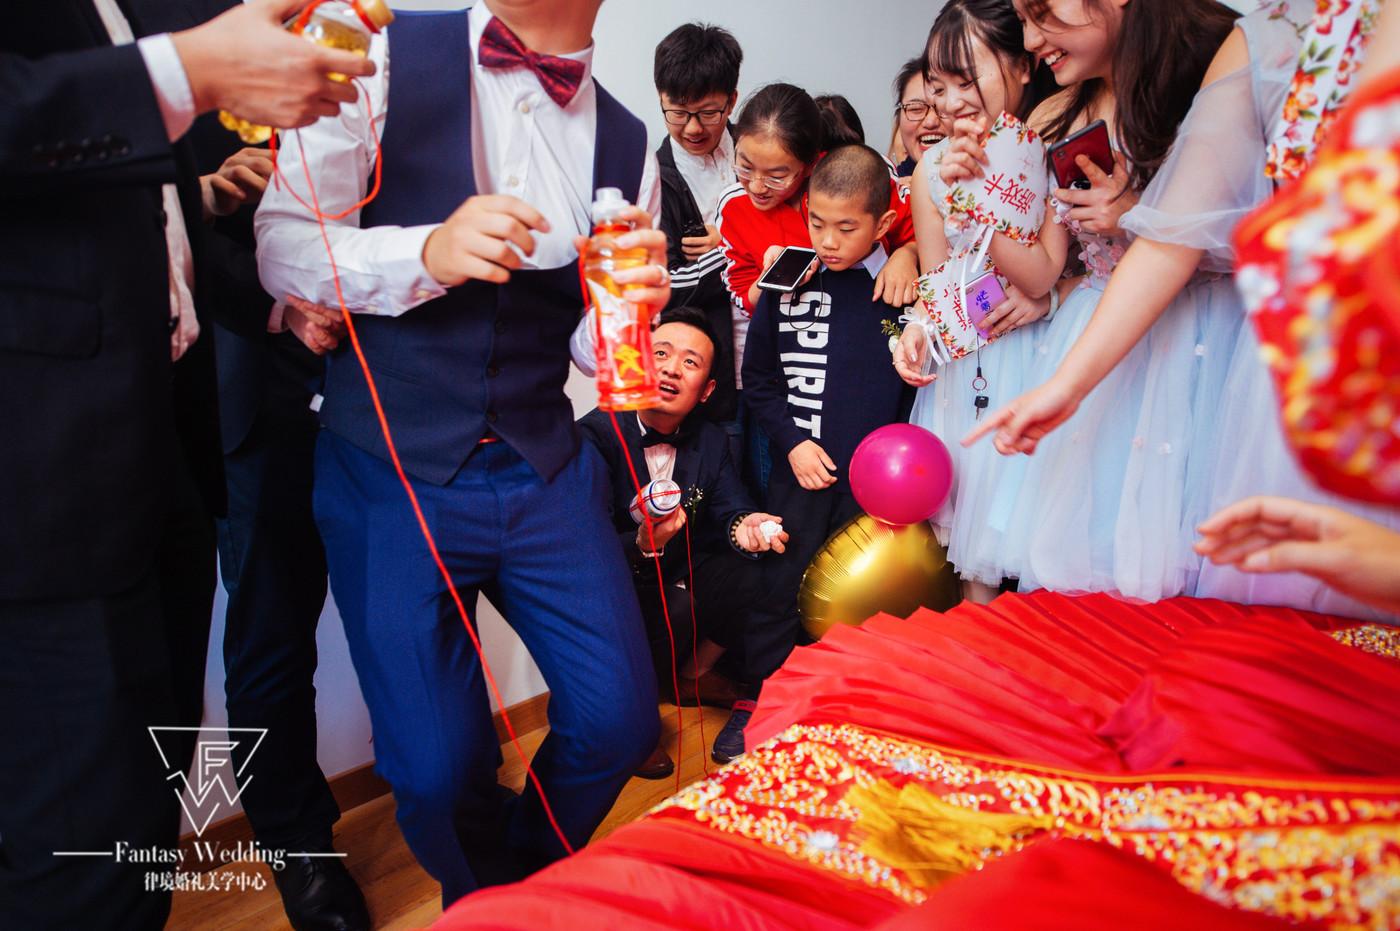 「律境婚礼」 格格^栈桥户外10